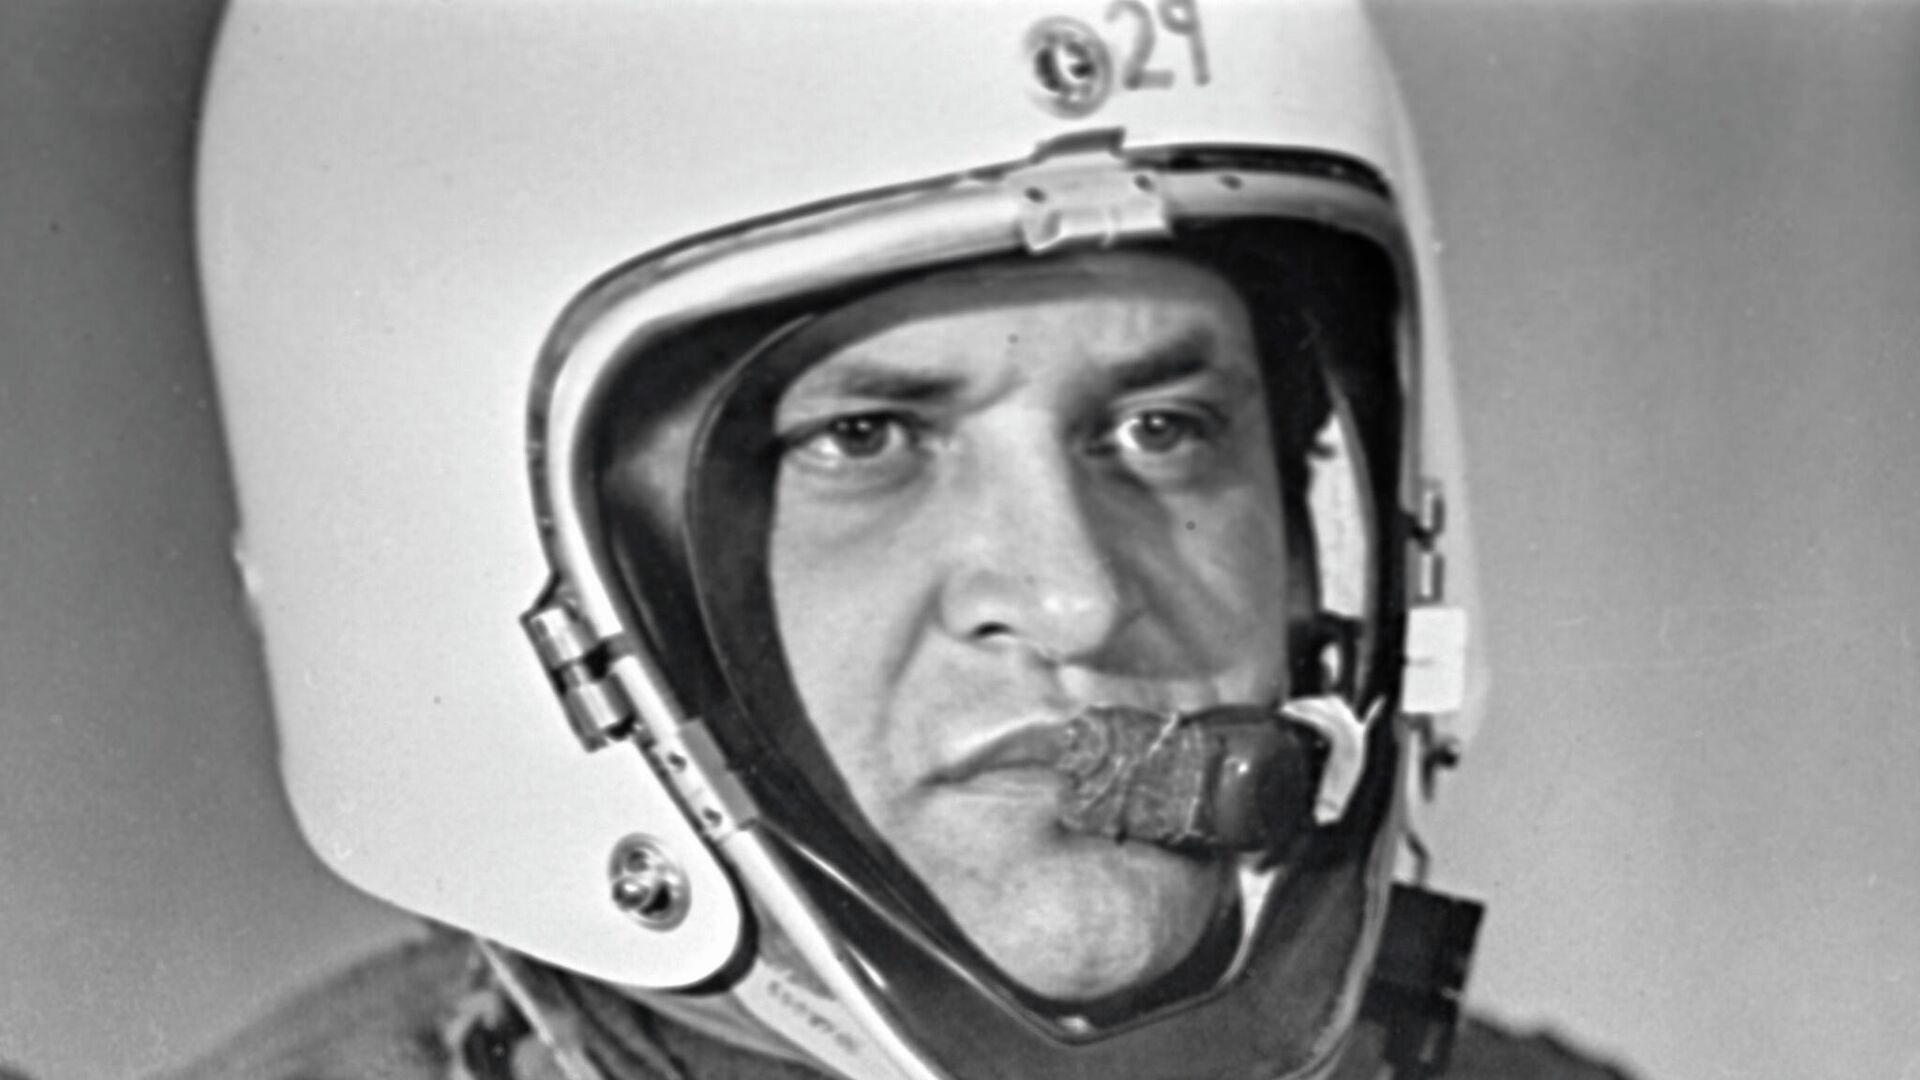 Фрэнсис Гарри Пауэрс в специальной экипировке для длительных полетов в стратосфере - американский шпион, чей самолет-разведчик Локхид У-2 был сбит советской зенитной ракетой под Свердловском - РИА Новости, 1920, 01.05.2021